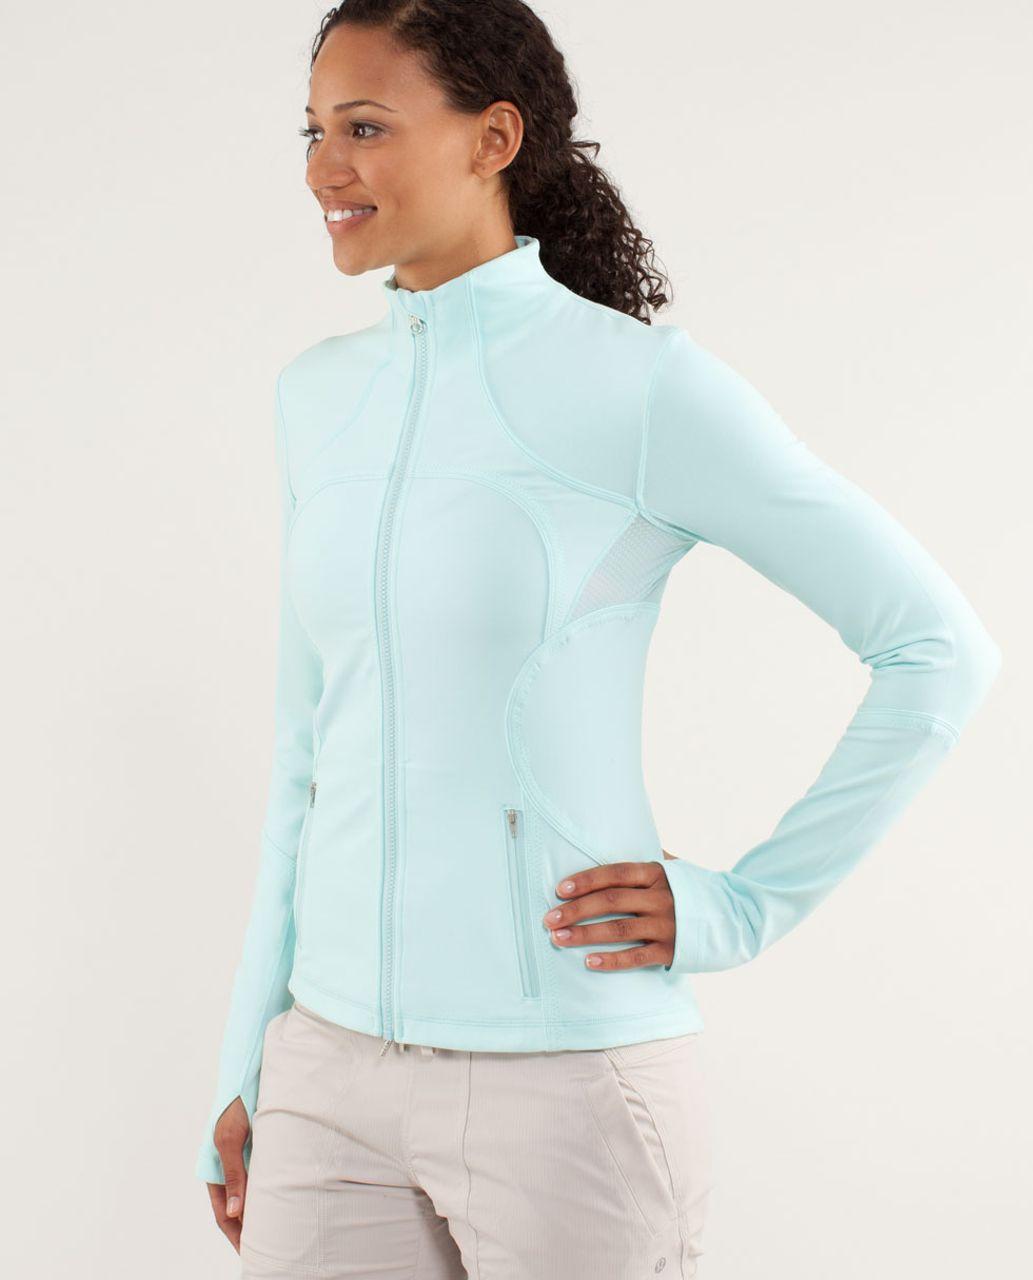 Lululemon Forme Jacket - Aquamarine